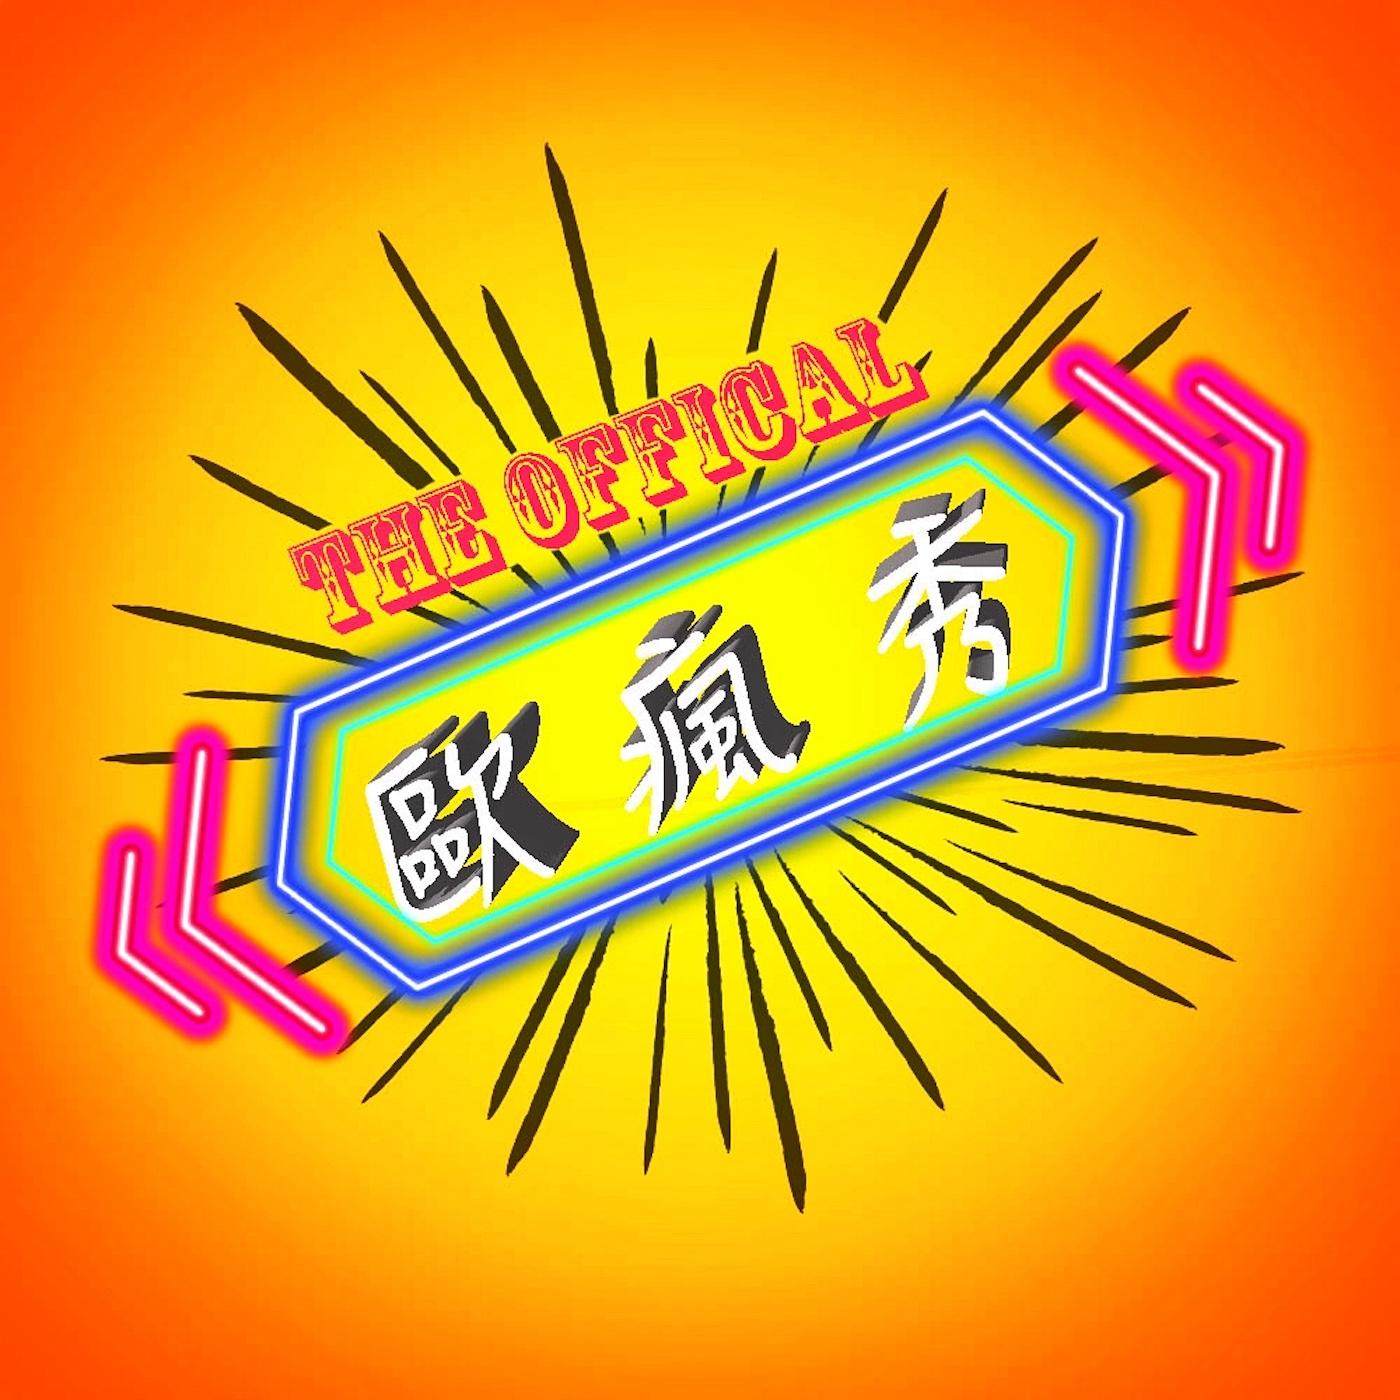 ep16 台灣比歐洲冷?!單手開跑車94狂!!